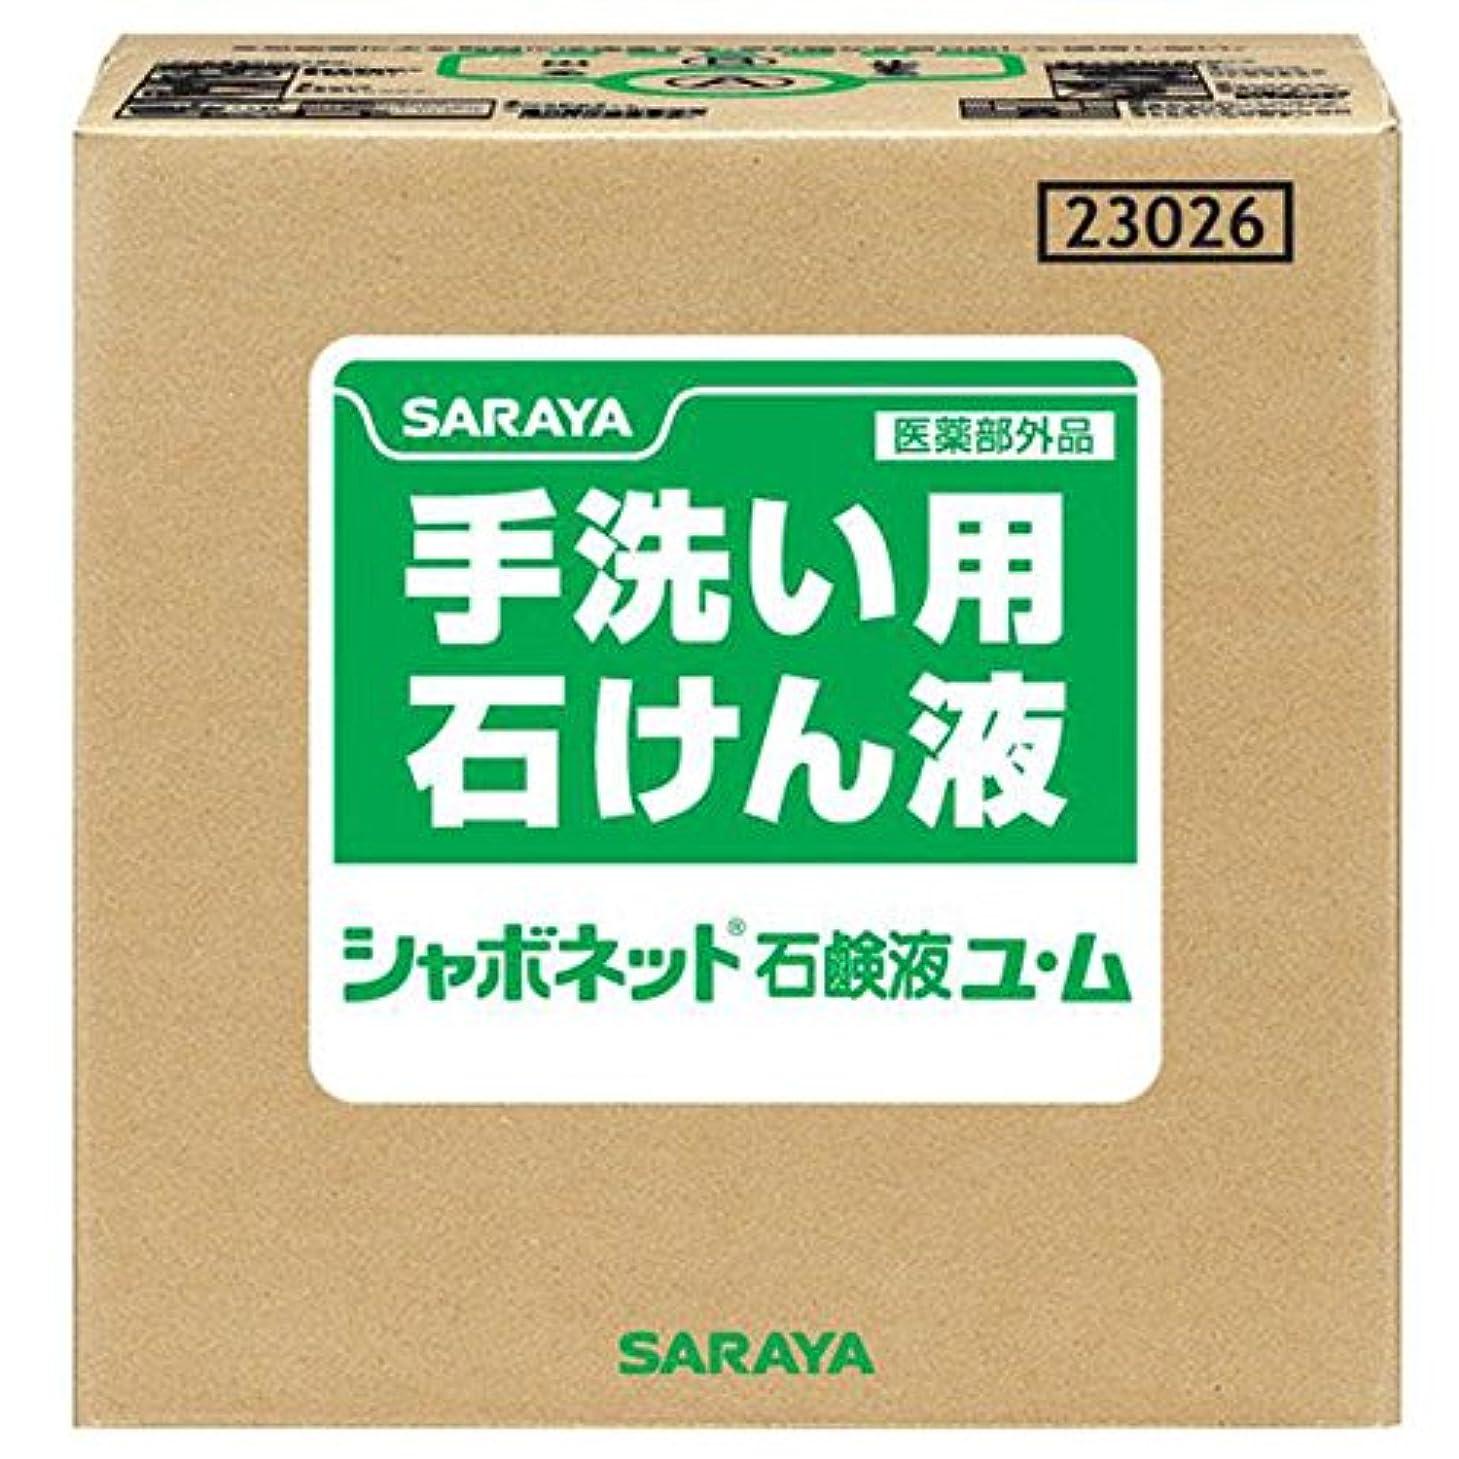 苦悩エコー偶然のサラヤ シャボネット 石鹸液ユ?ム 20kg×1箱 BIB